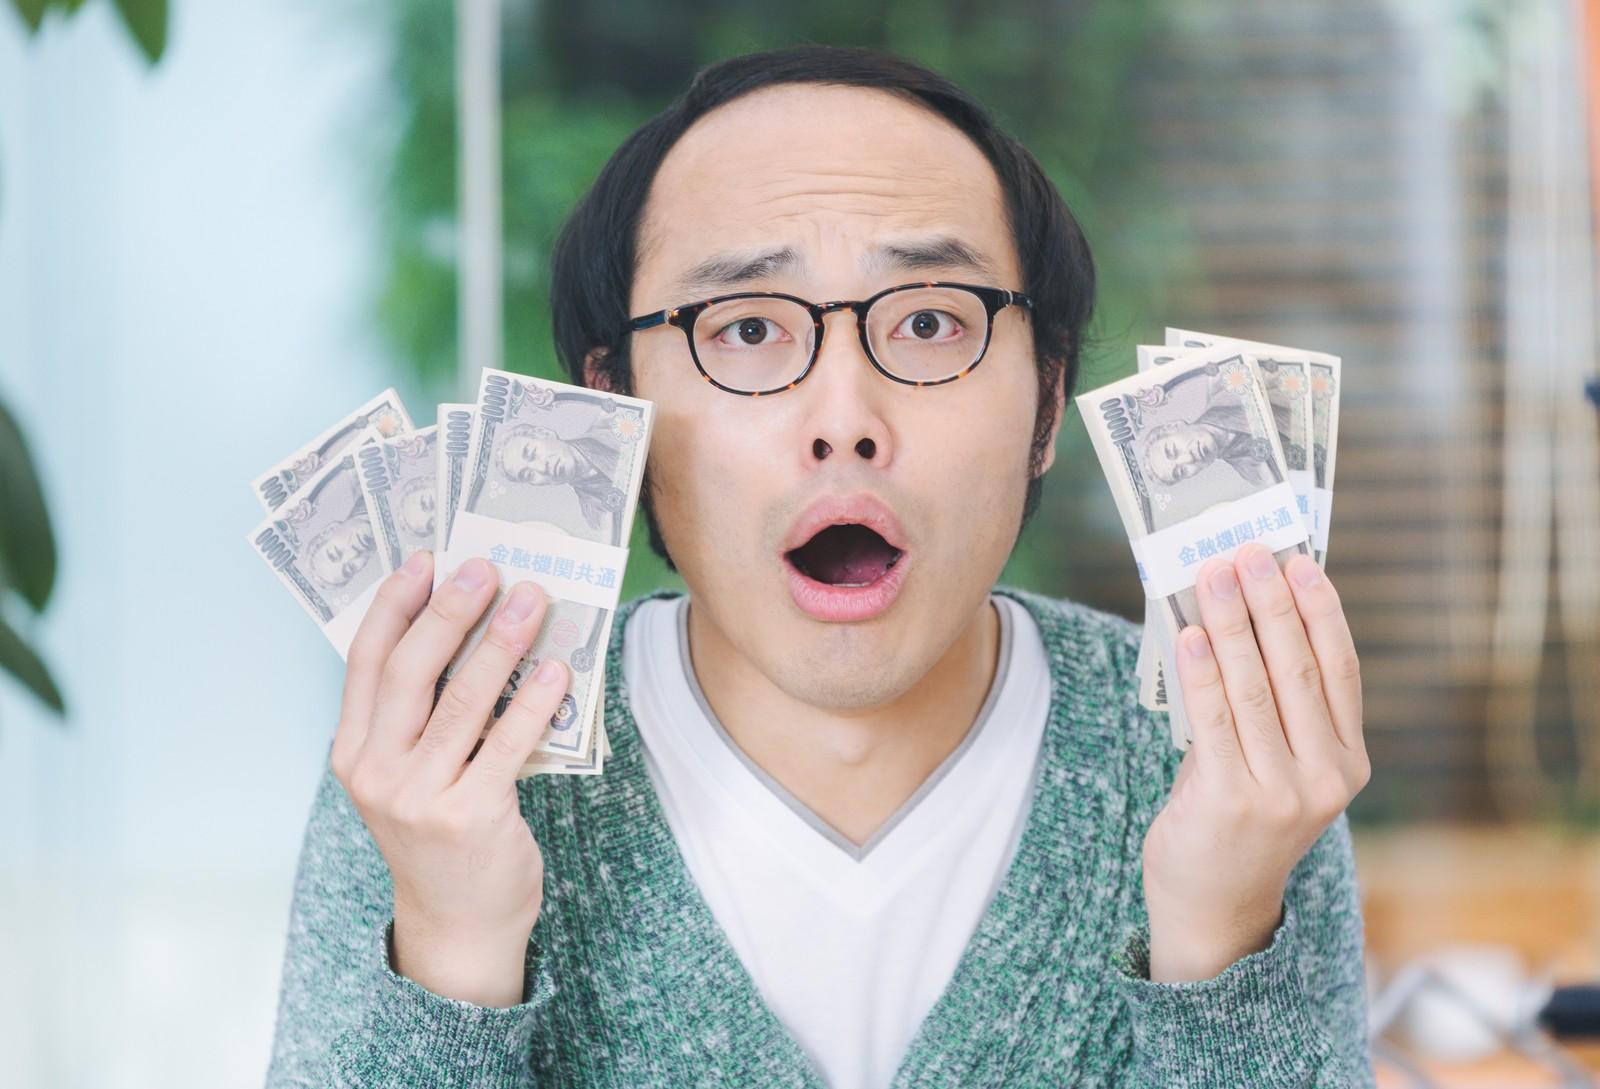 アフィリエイトで稼ぎたい金額。収入はどのくらい欲しい?